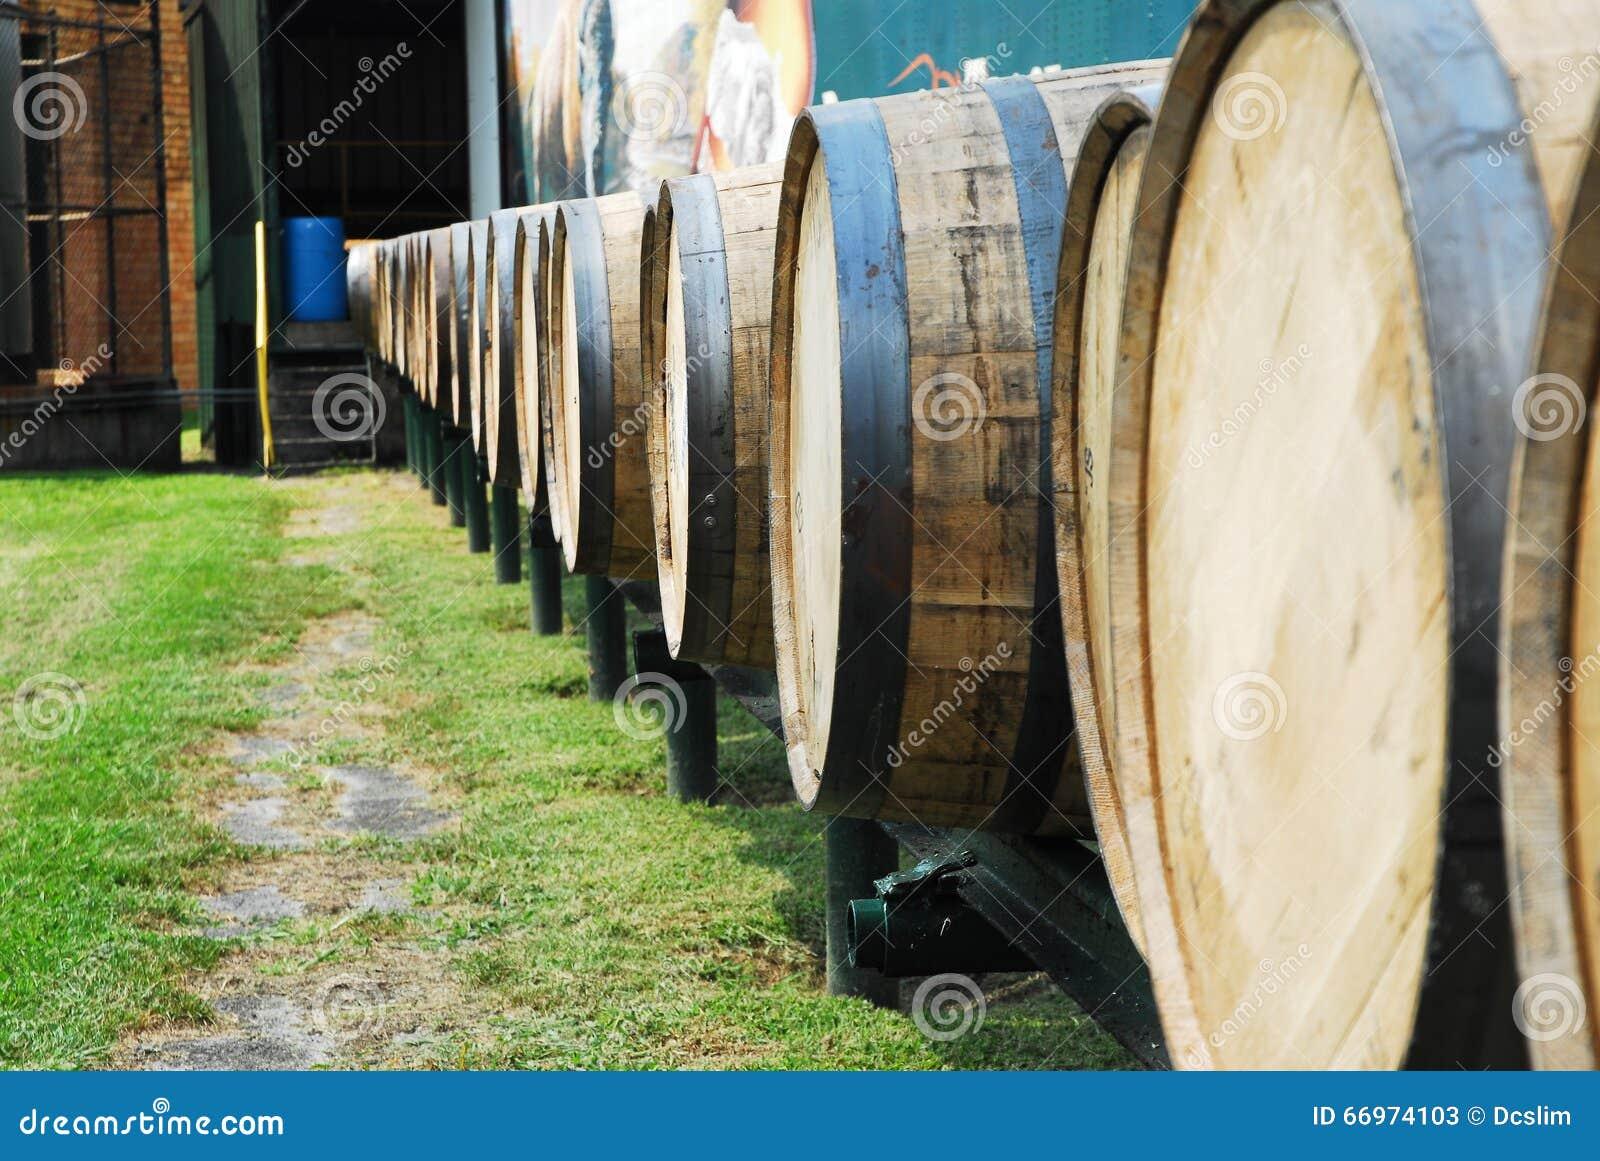 Tambores de Bourbon